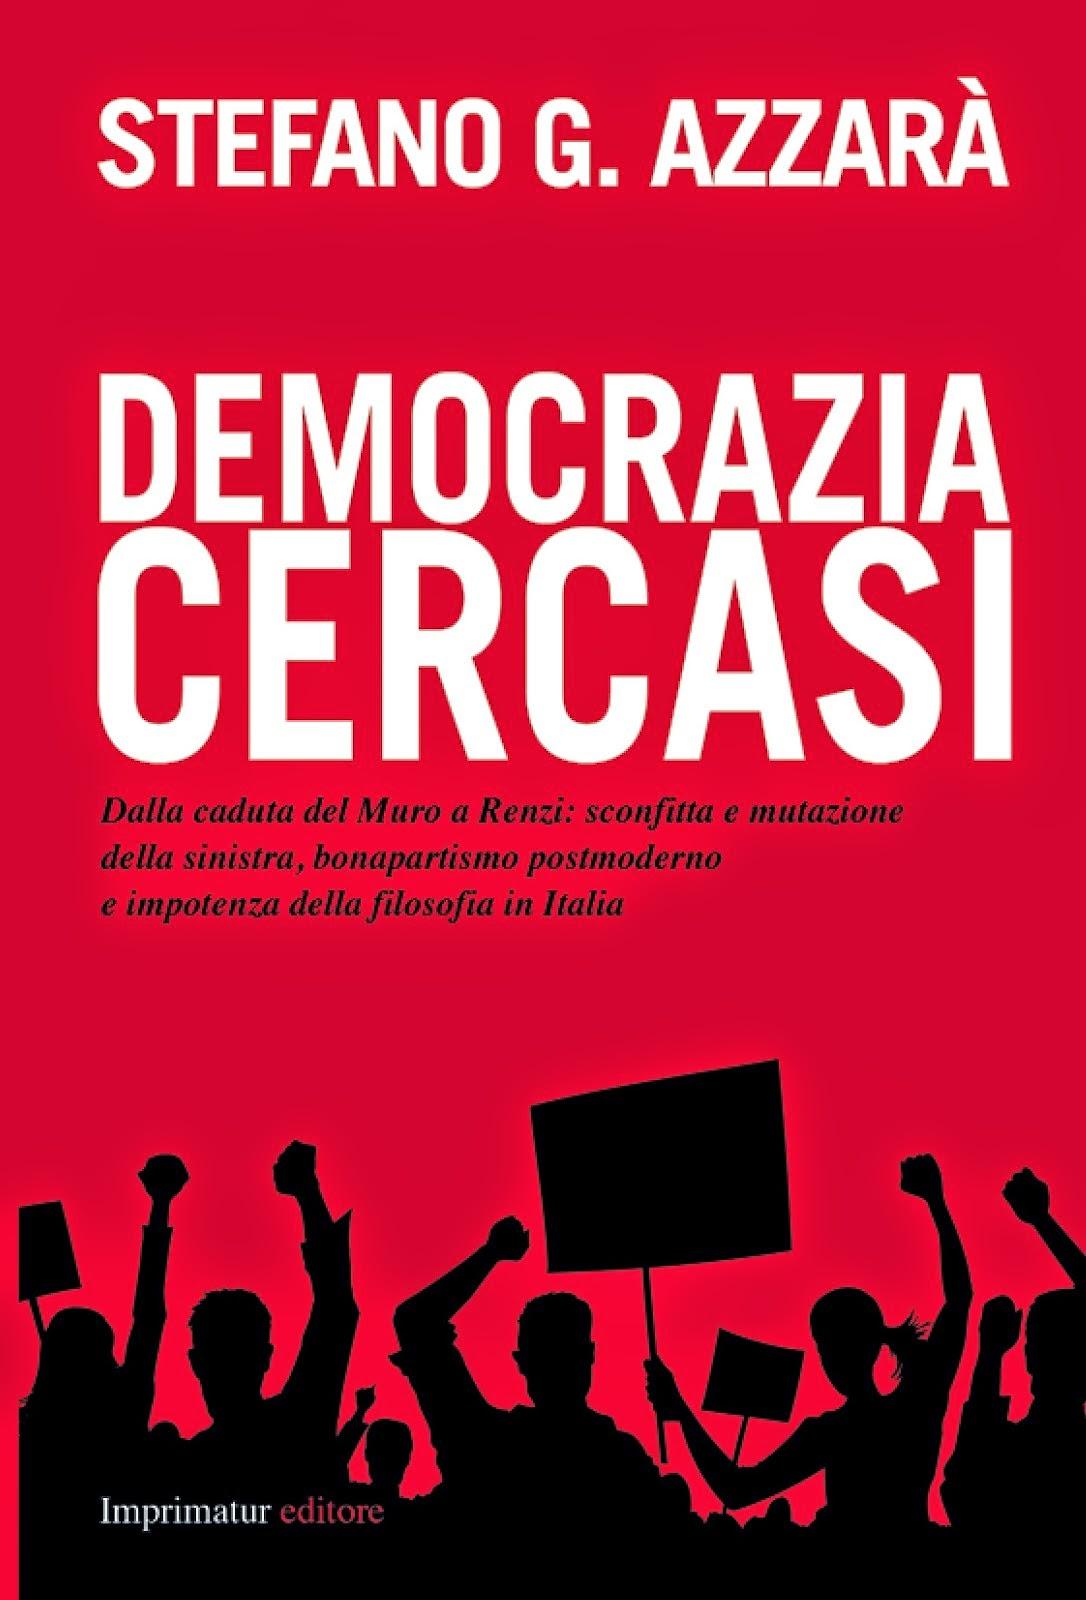 Democrazia cercasi: dai primi di settembre in libreria